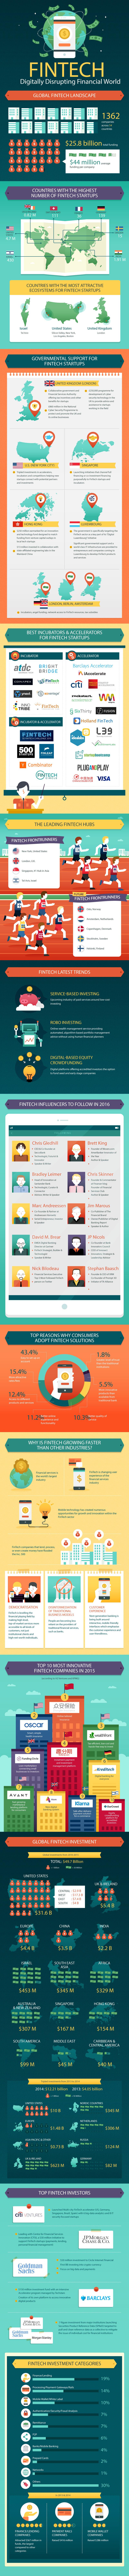 Fintech-infographic_1